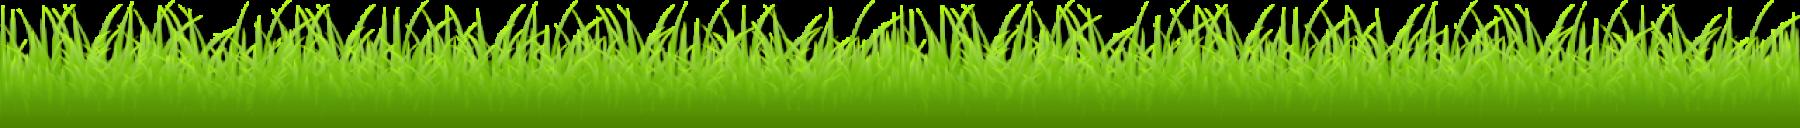 grass footer